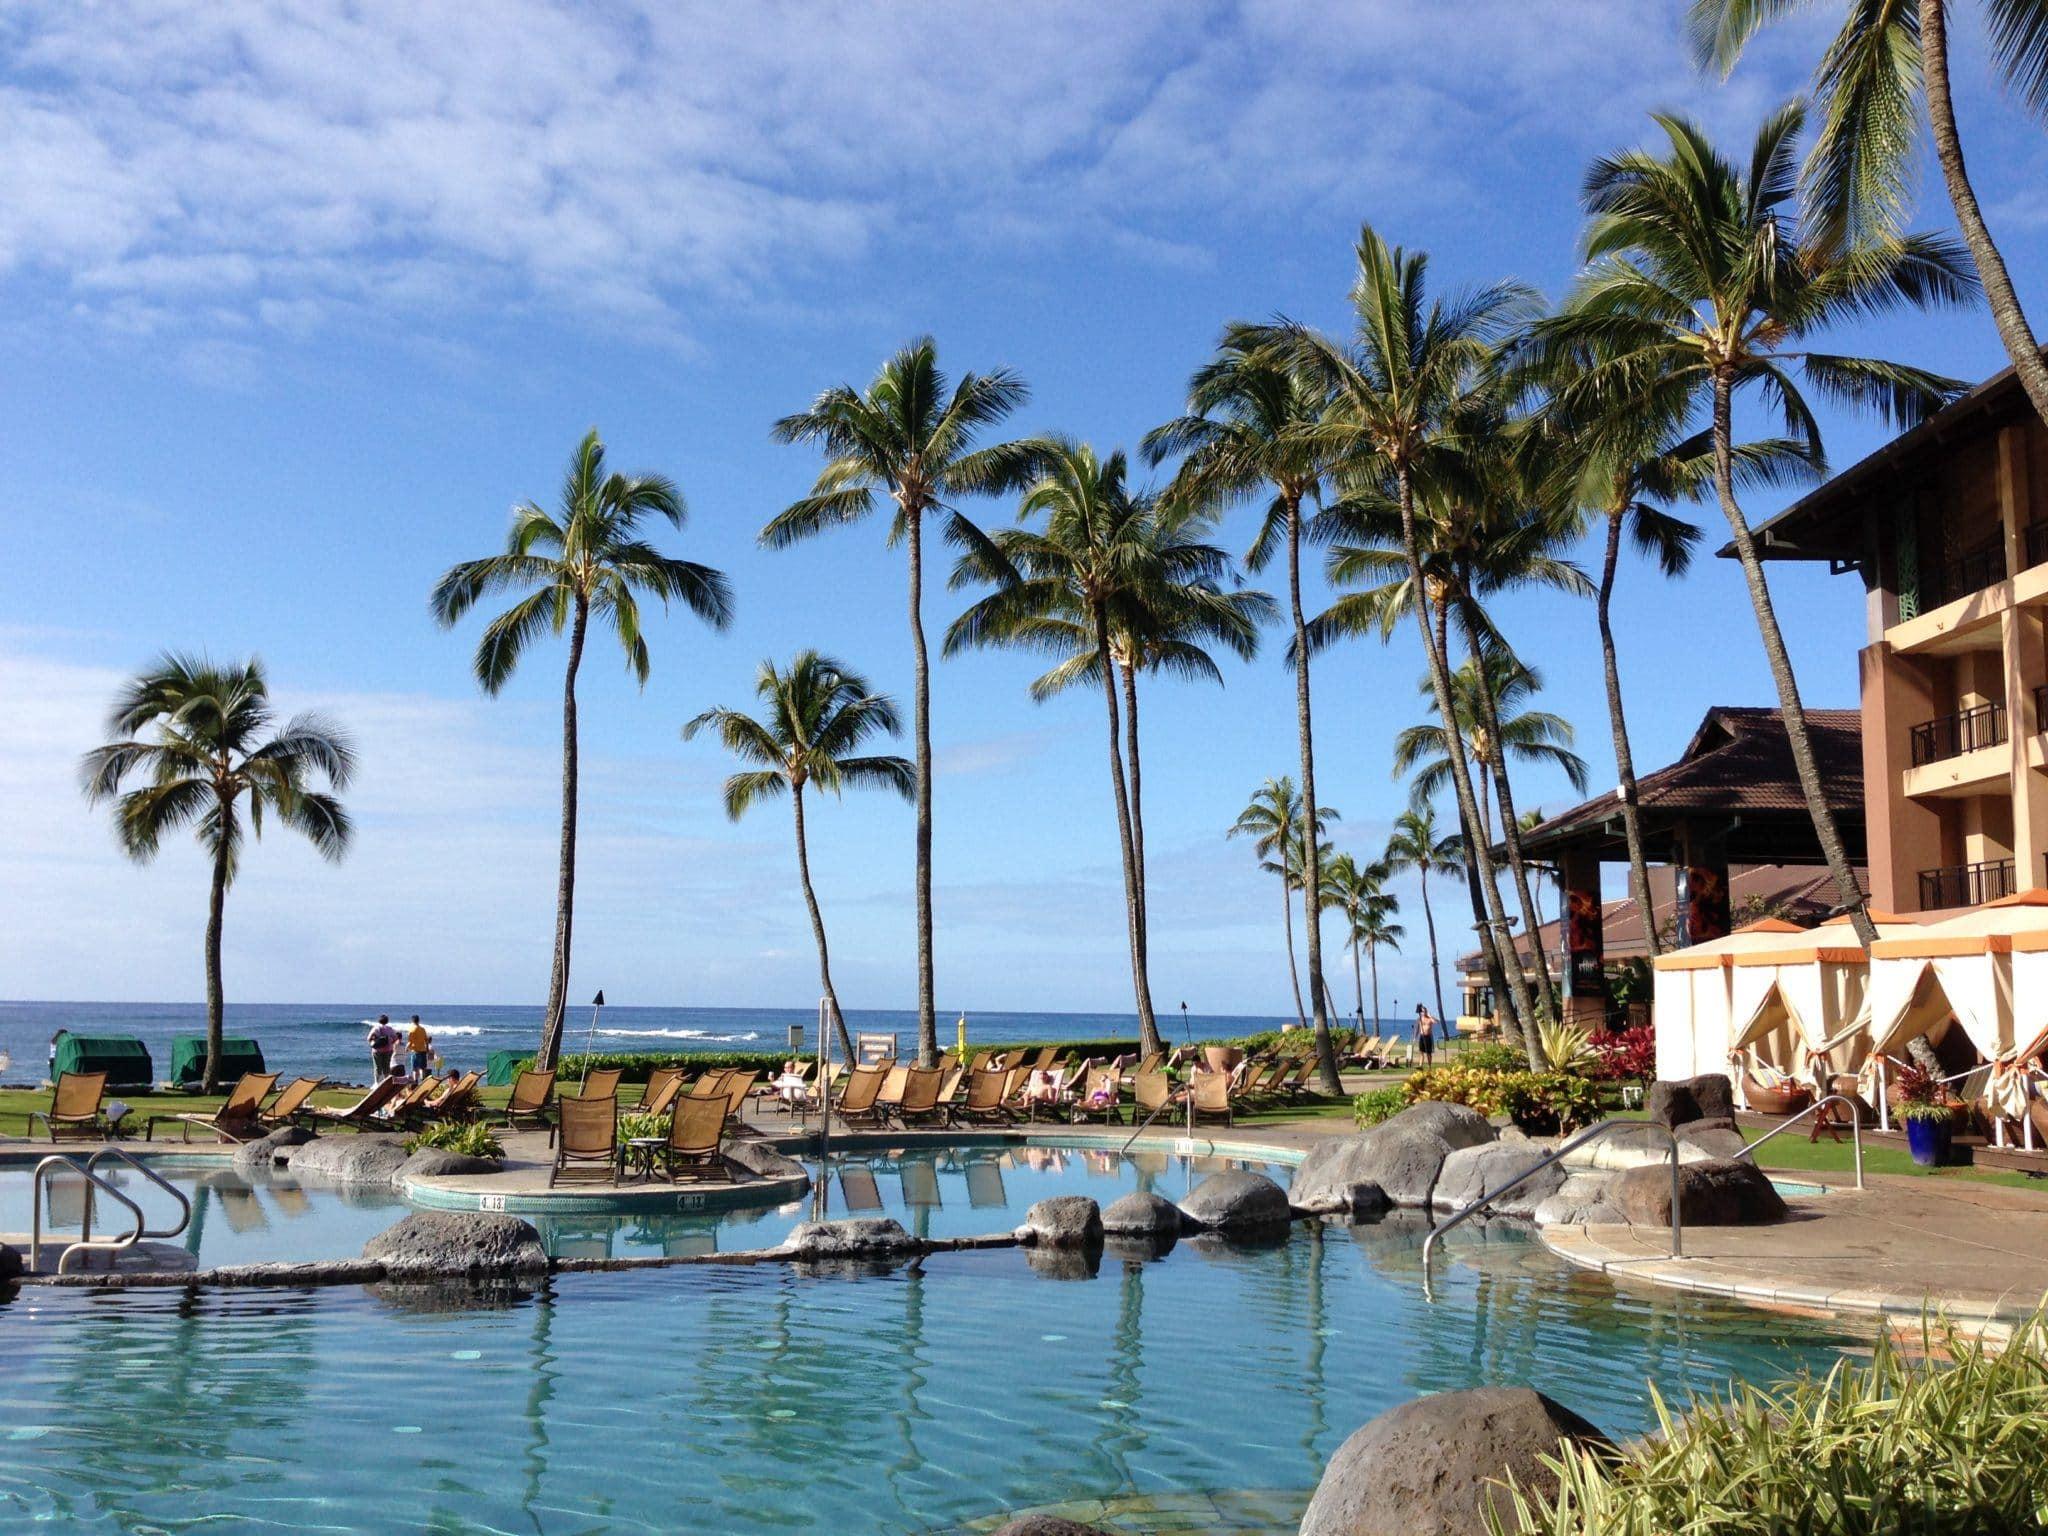 Poipu, Kauai - South Shore